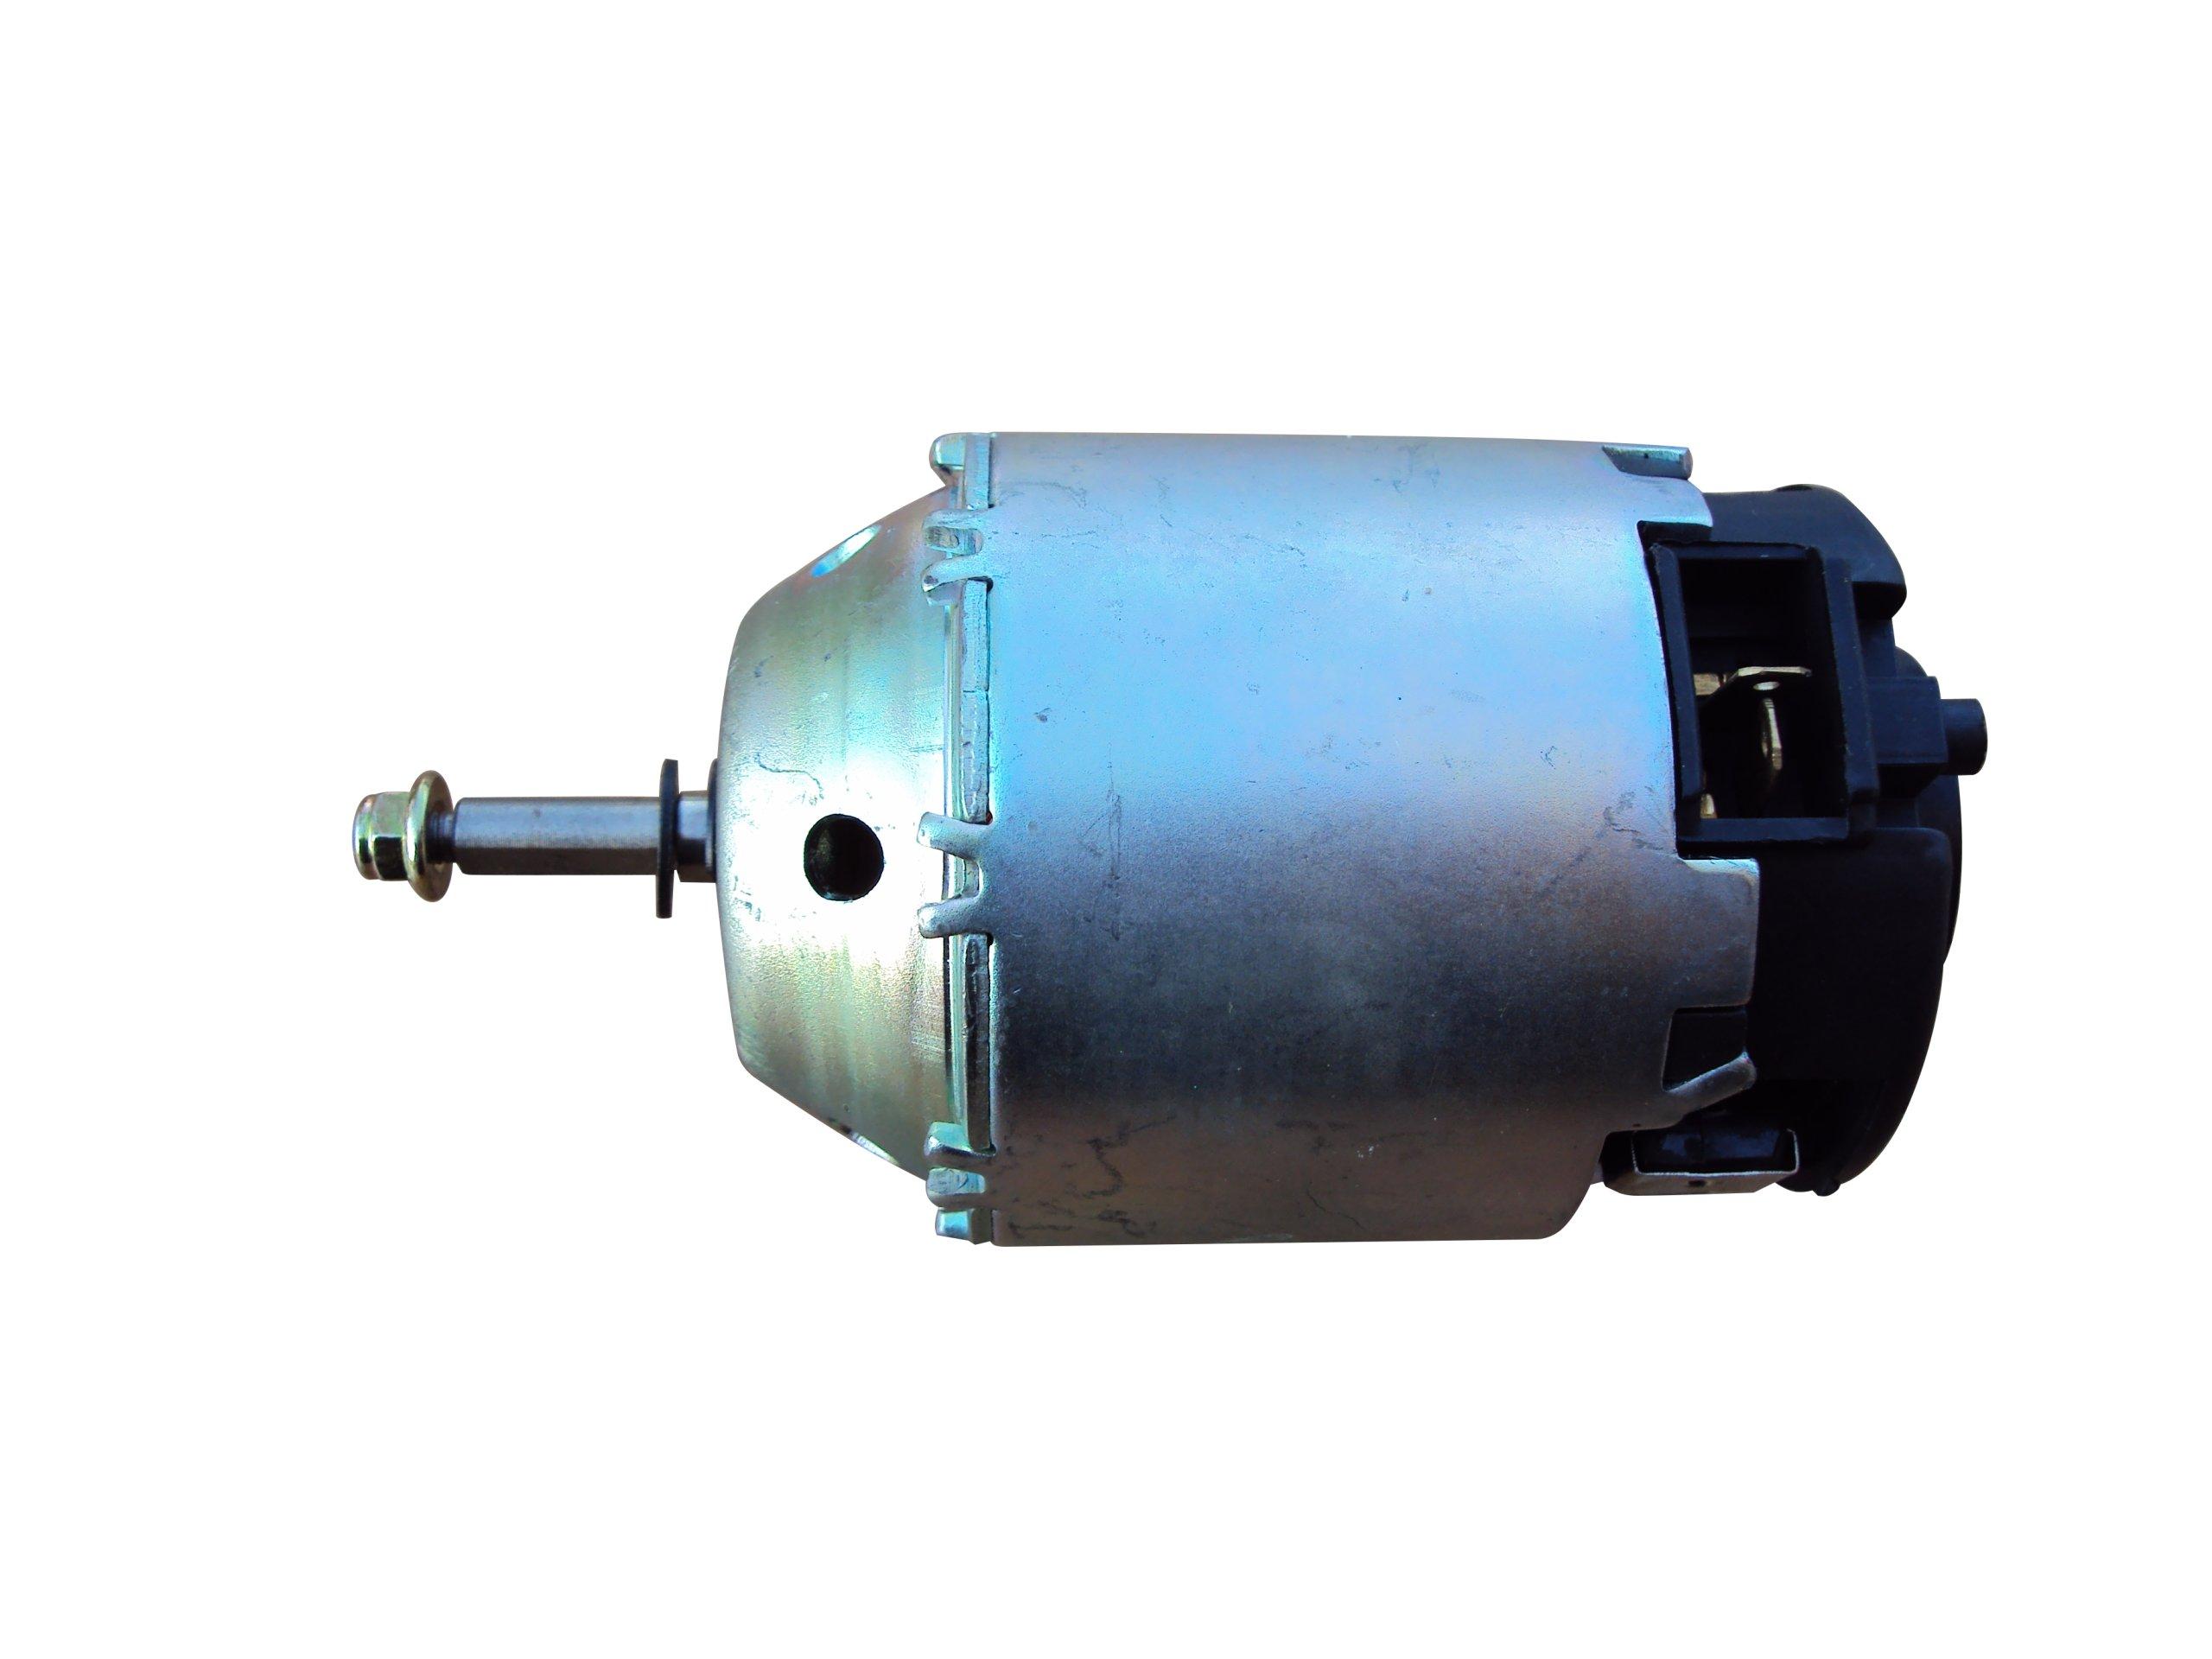 вентилятор двигатель воздуходувки пв nissan qashqai